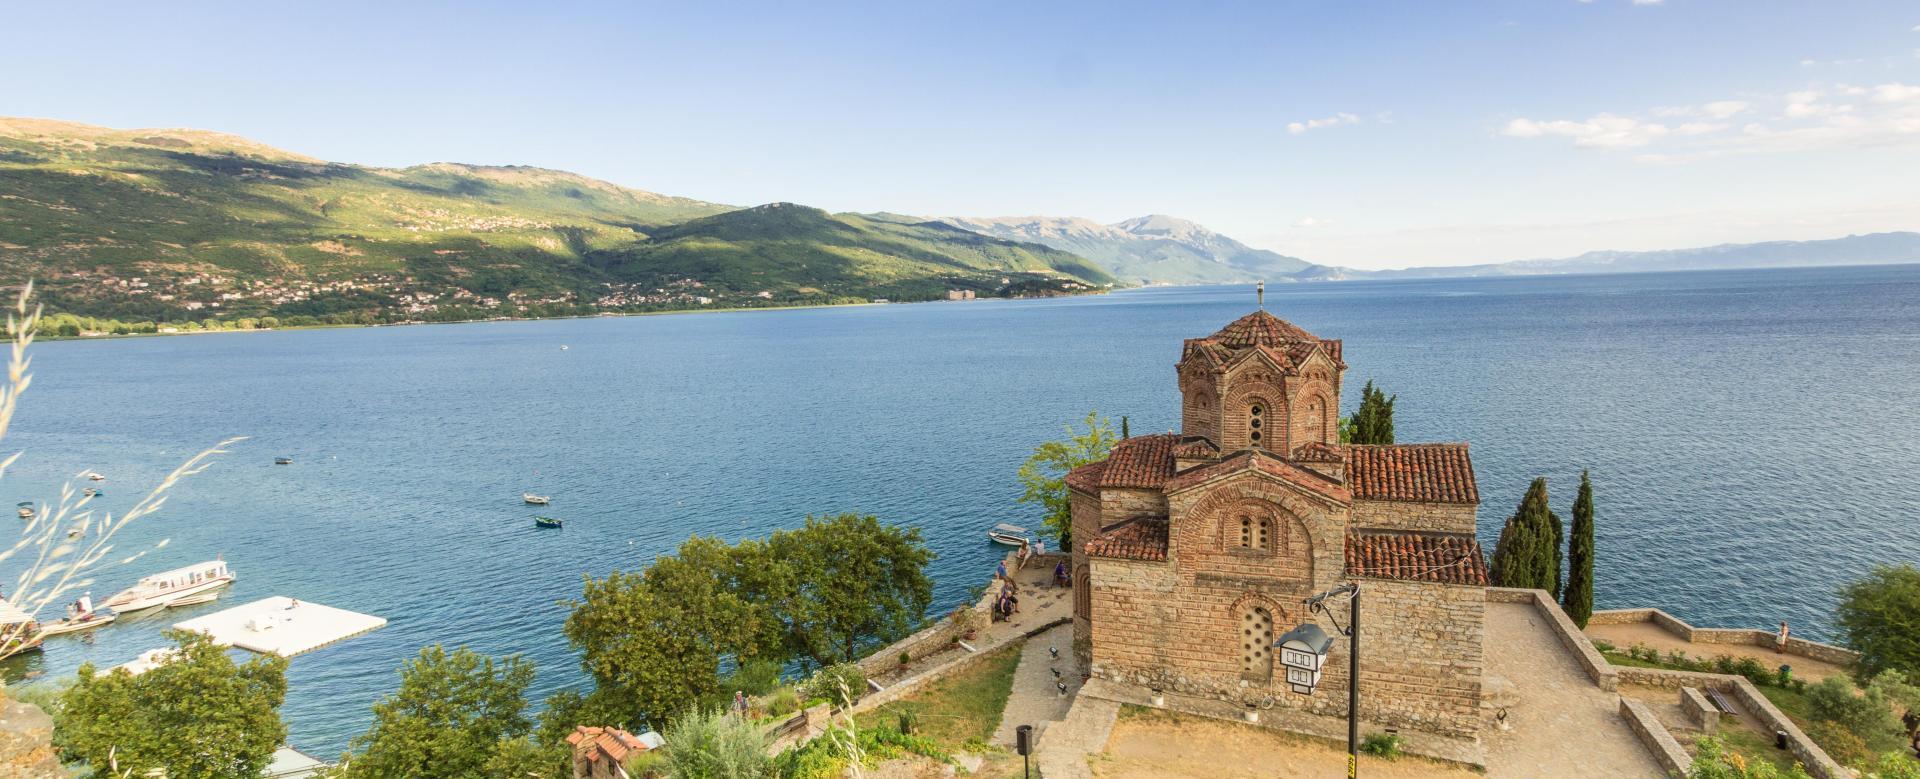 Voyage à pied Albanie : Des balkans occidentaux aux météores